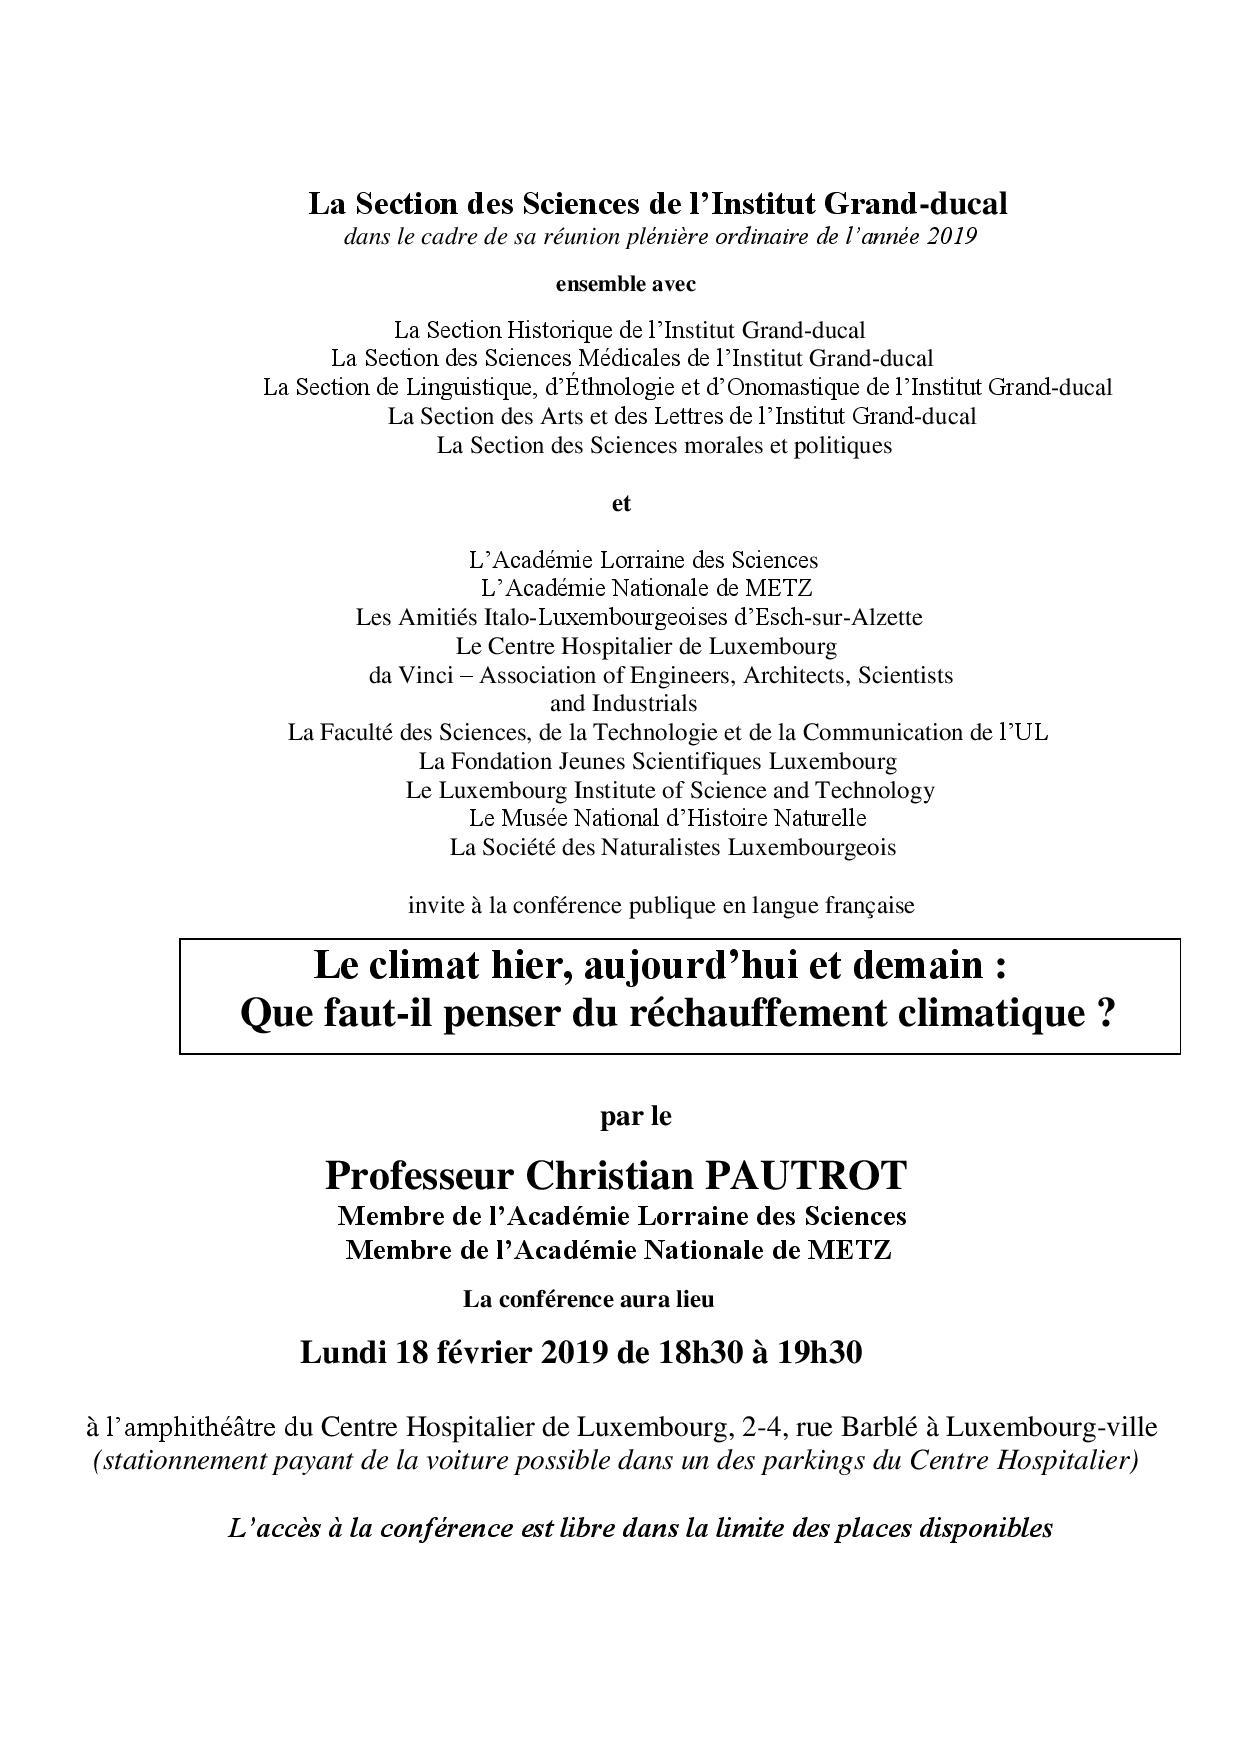 invitation à la conférence du 18 février 2019 du professeur Christian PAUTROT-page-001.jpg